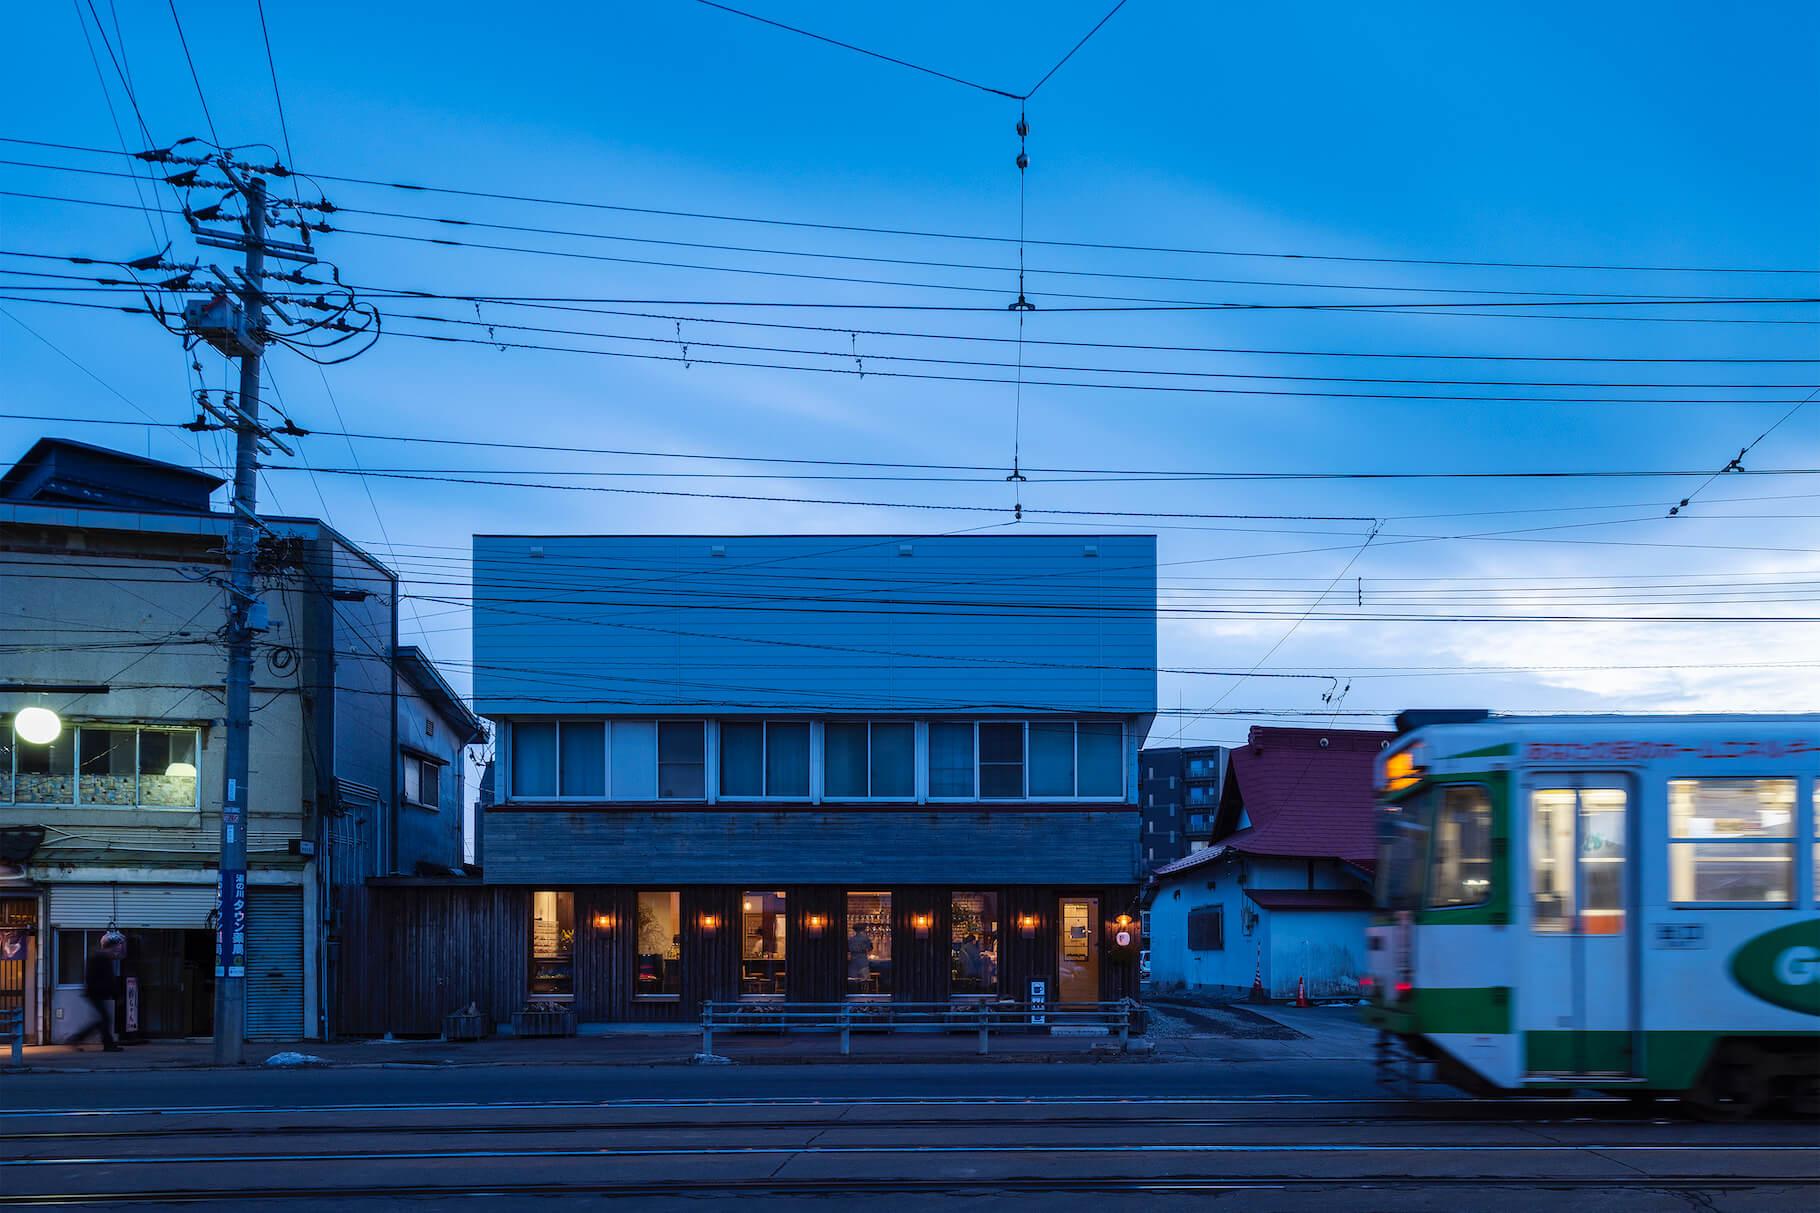 写真:路面電車の通りに面する湯川エンデバー。もともと海産物土産屋さんの一階を改装した